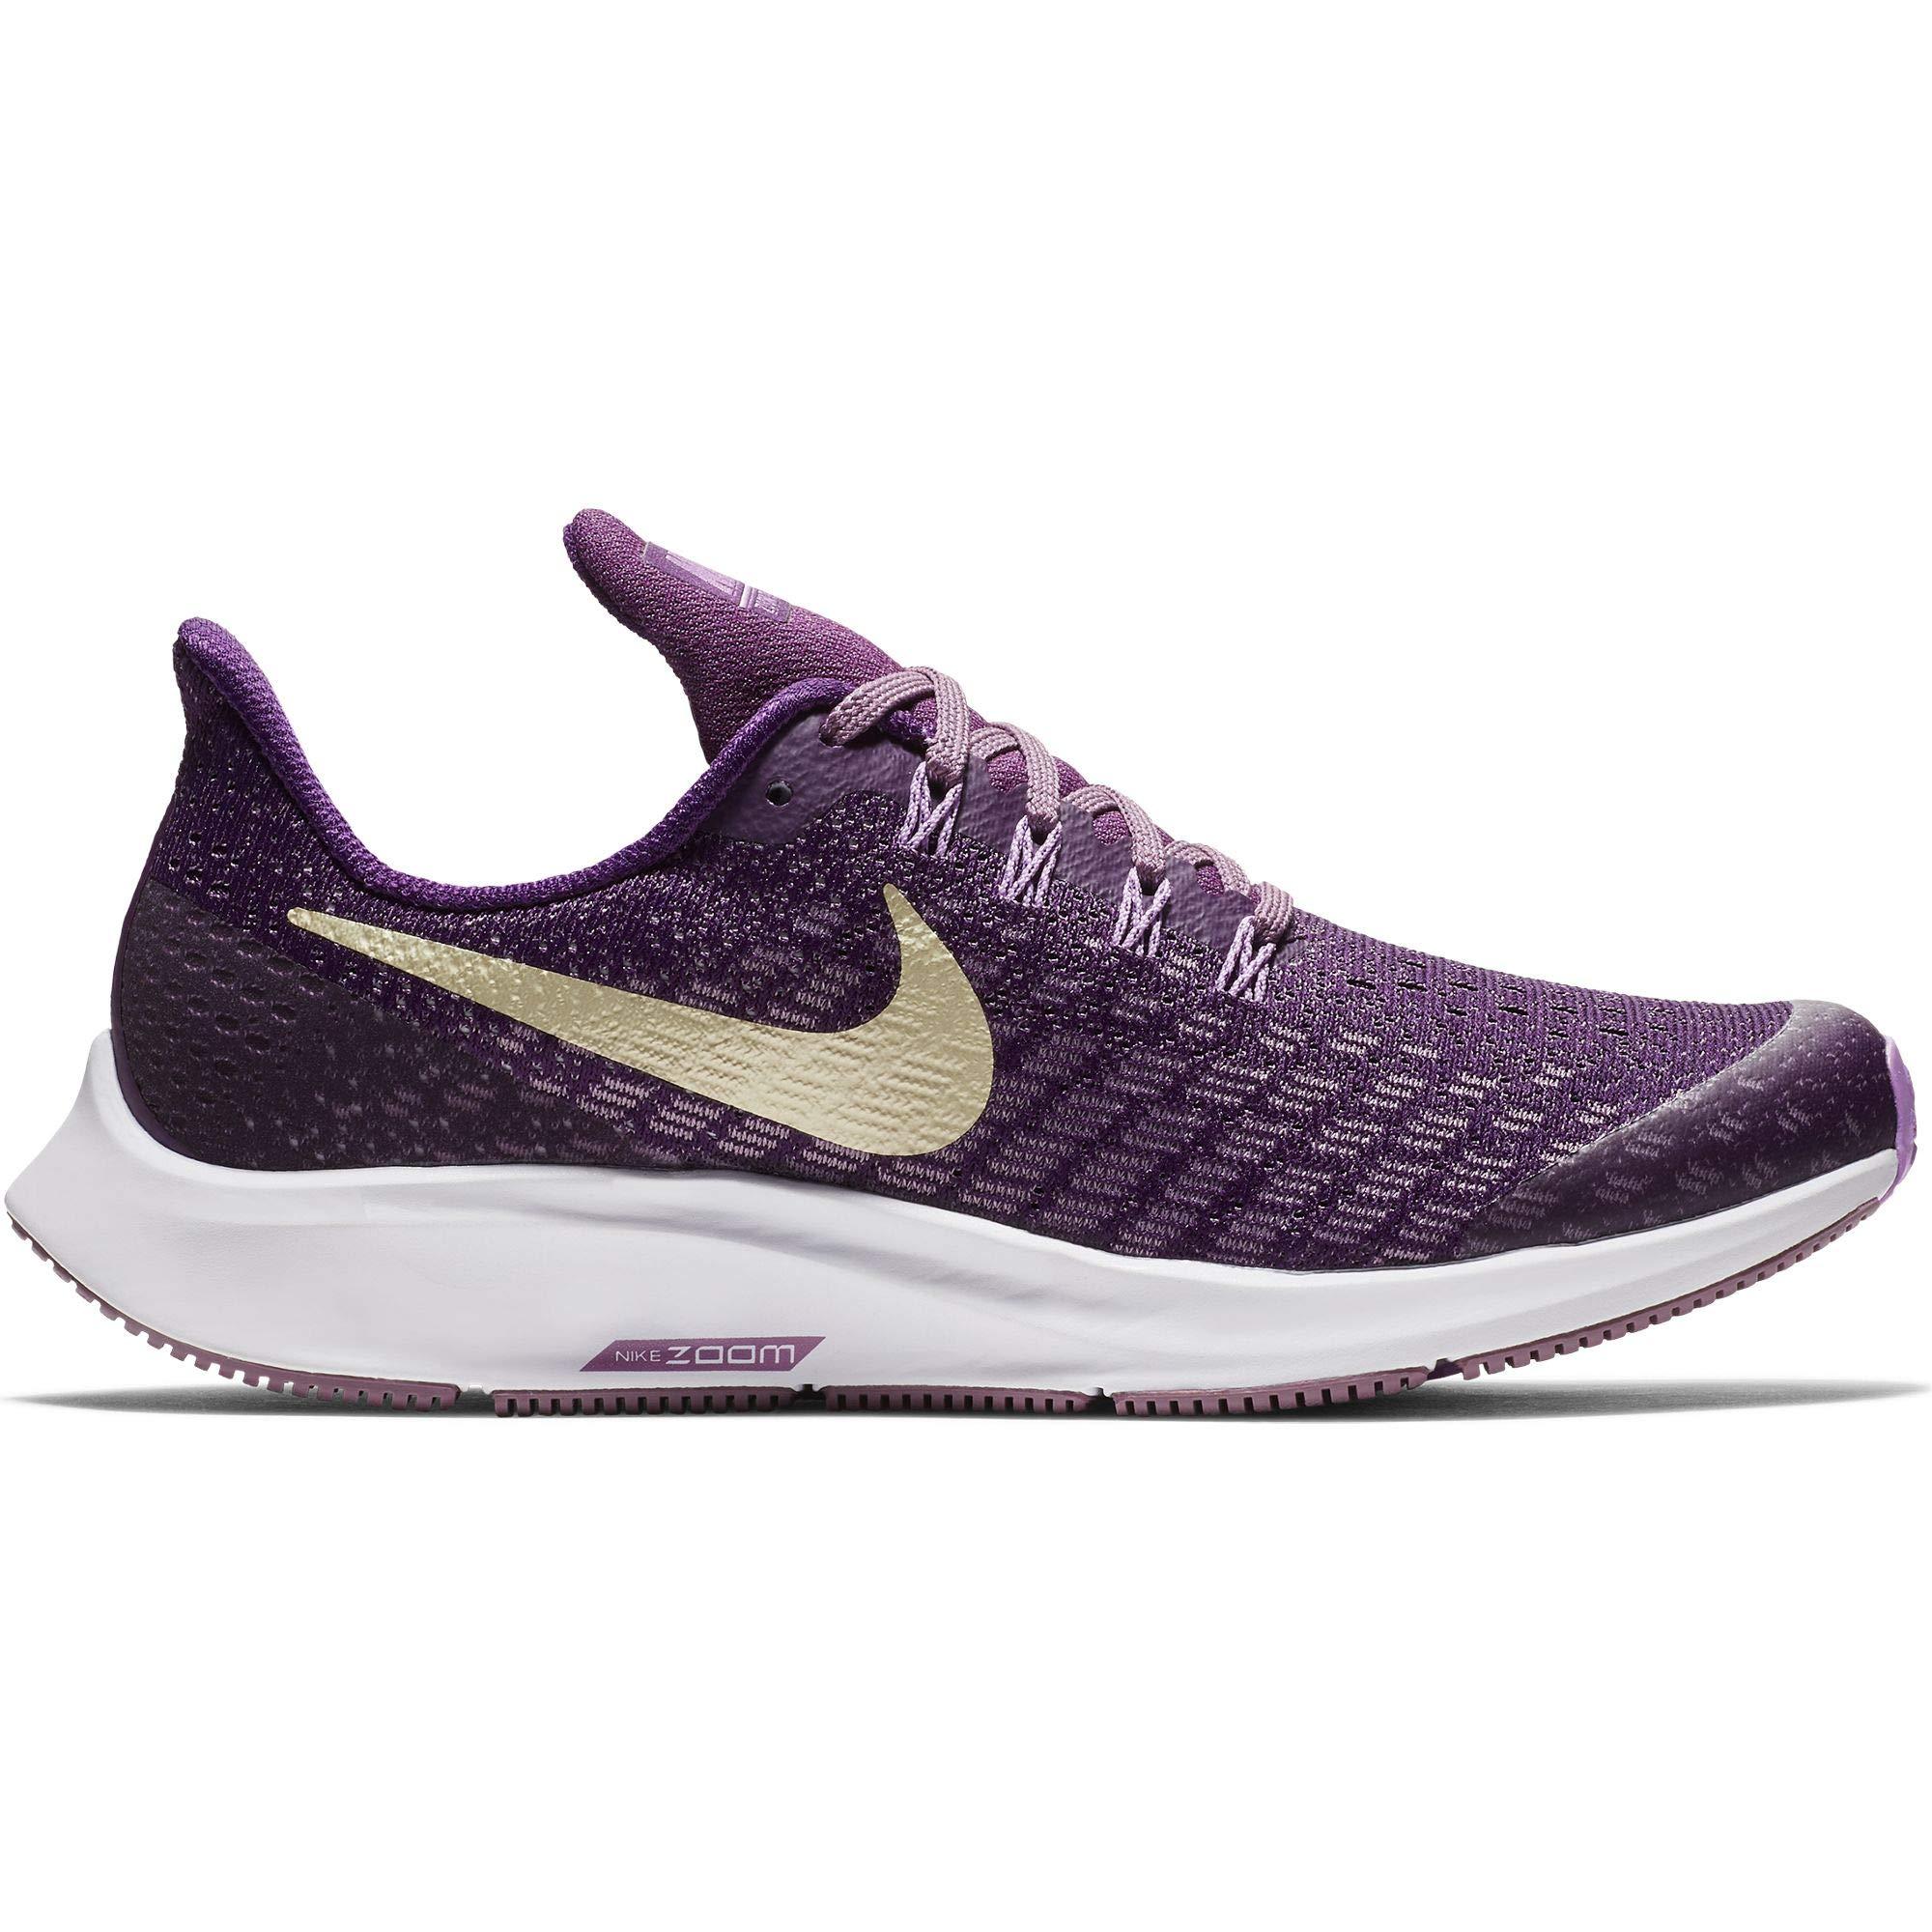 Nike Girl's Air Zoom Pegasus 35 Running Shoe Night Purple/Metallic Gold Star/Violet Dust Size 1 M US